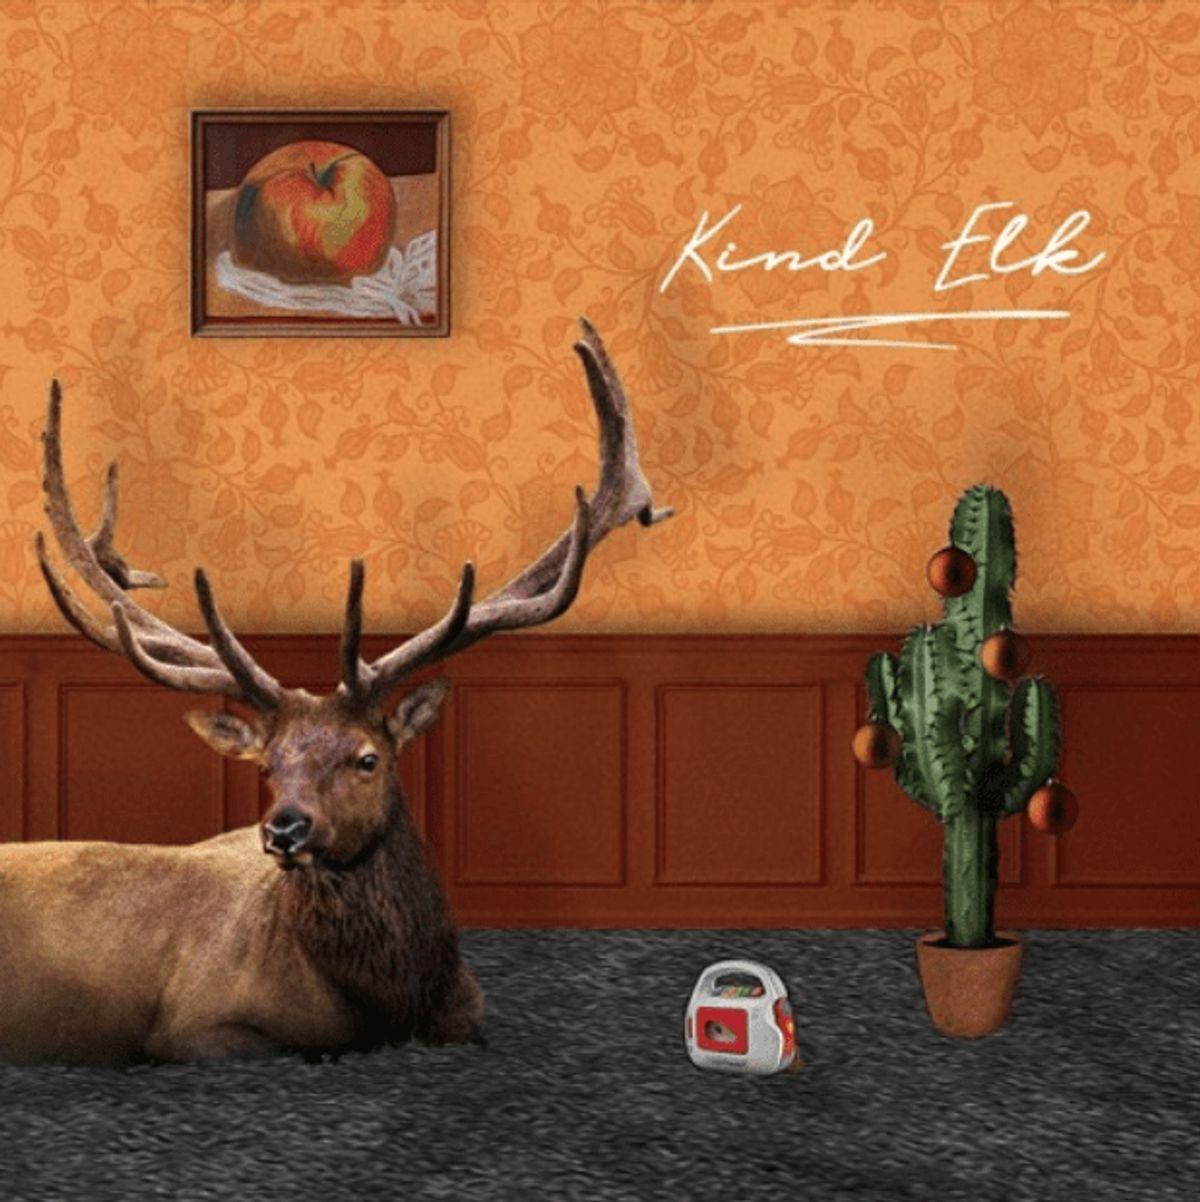 Hoofdstroom - 'Kind Elk'